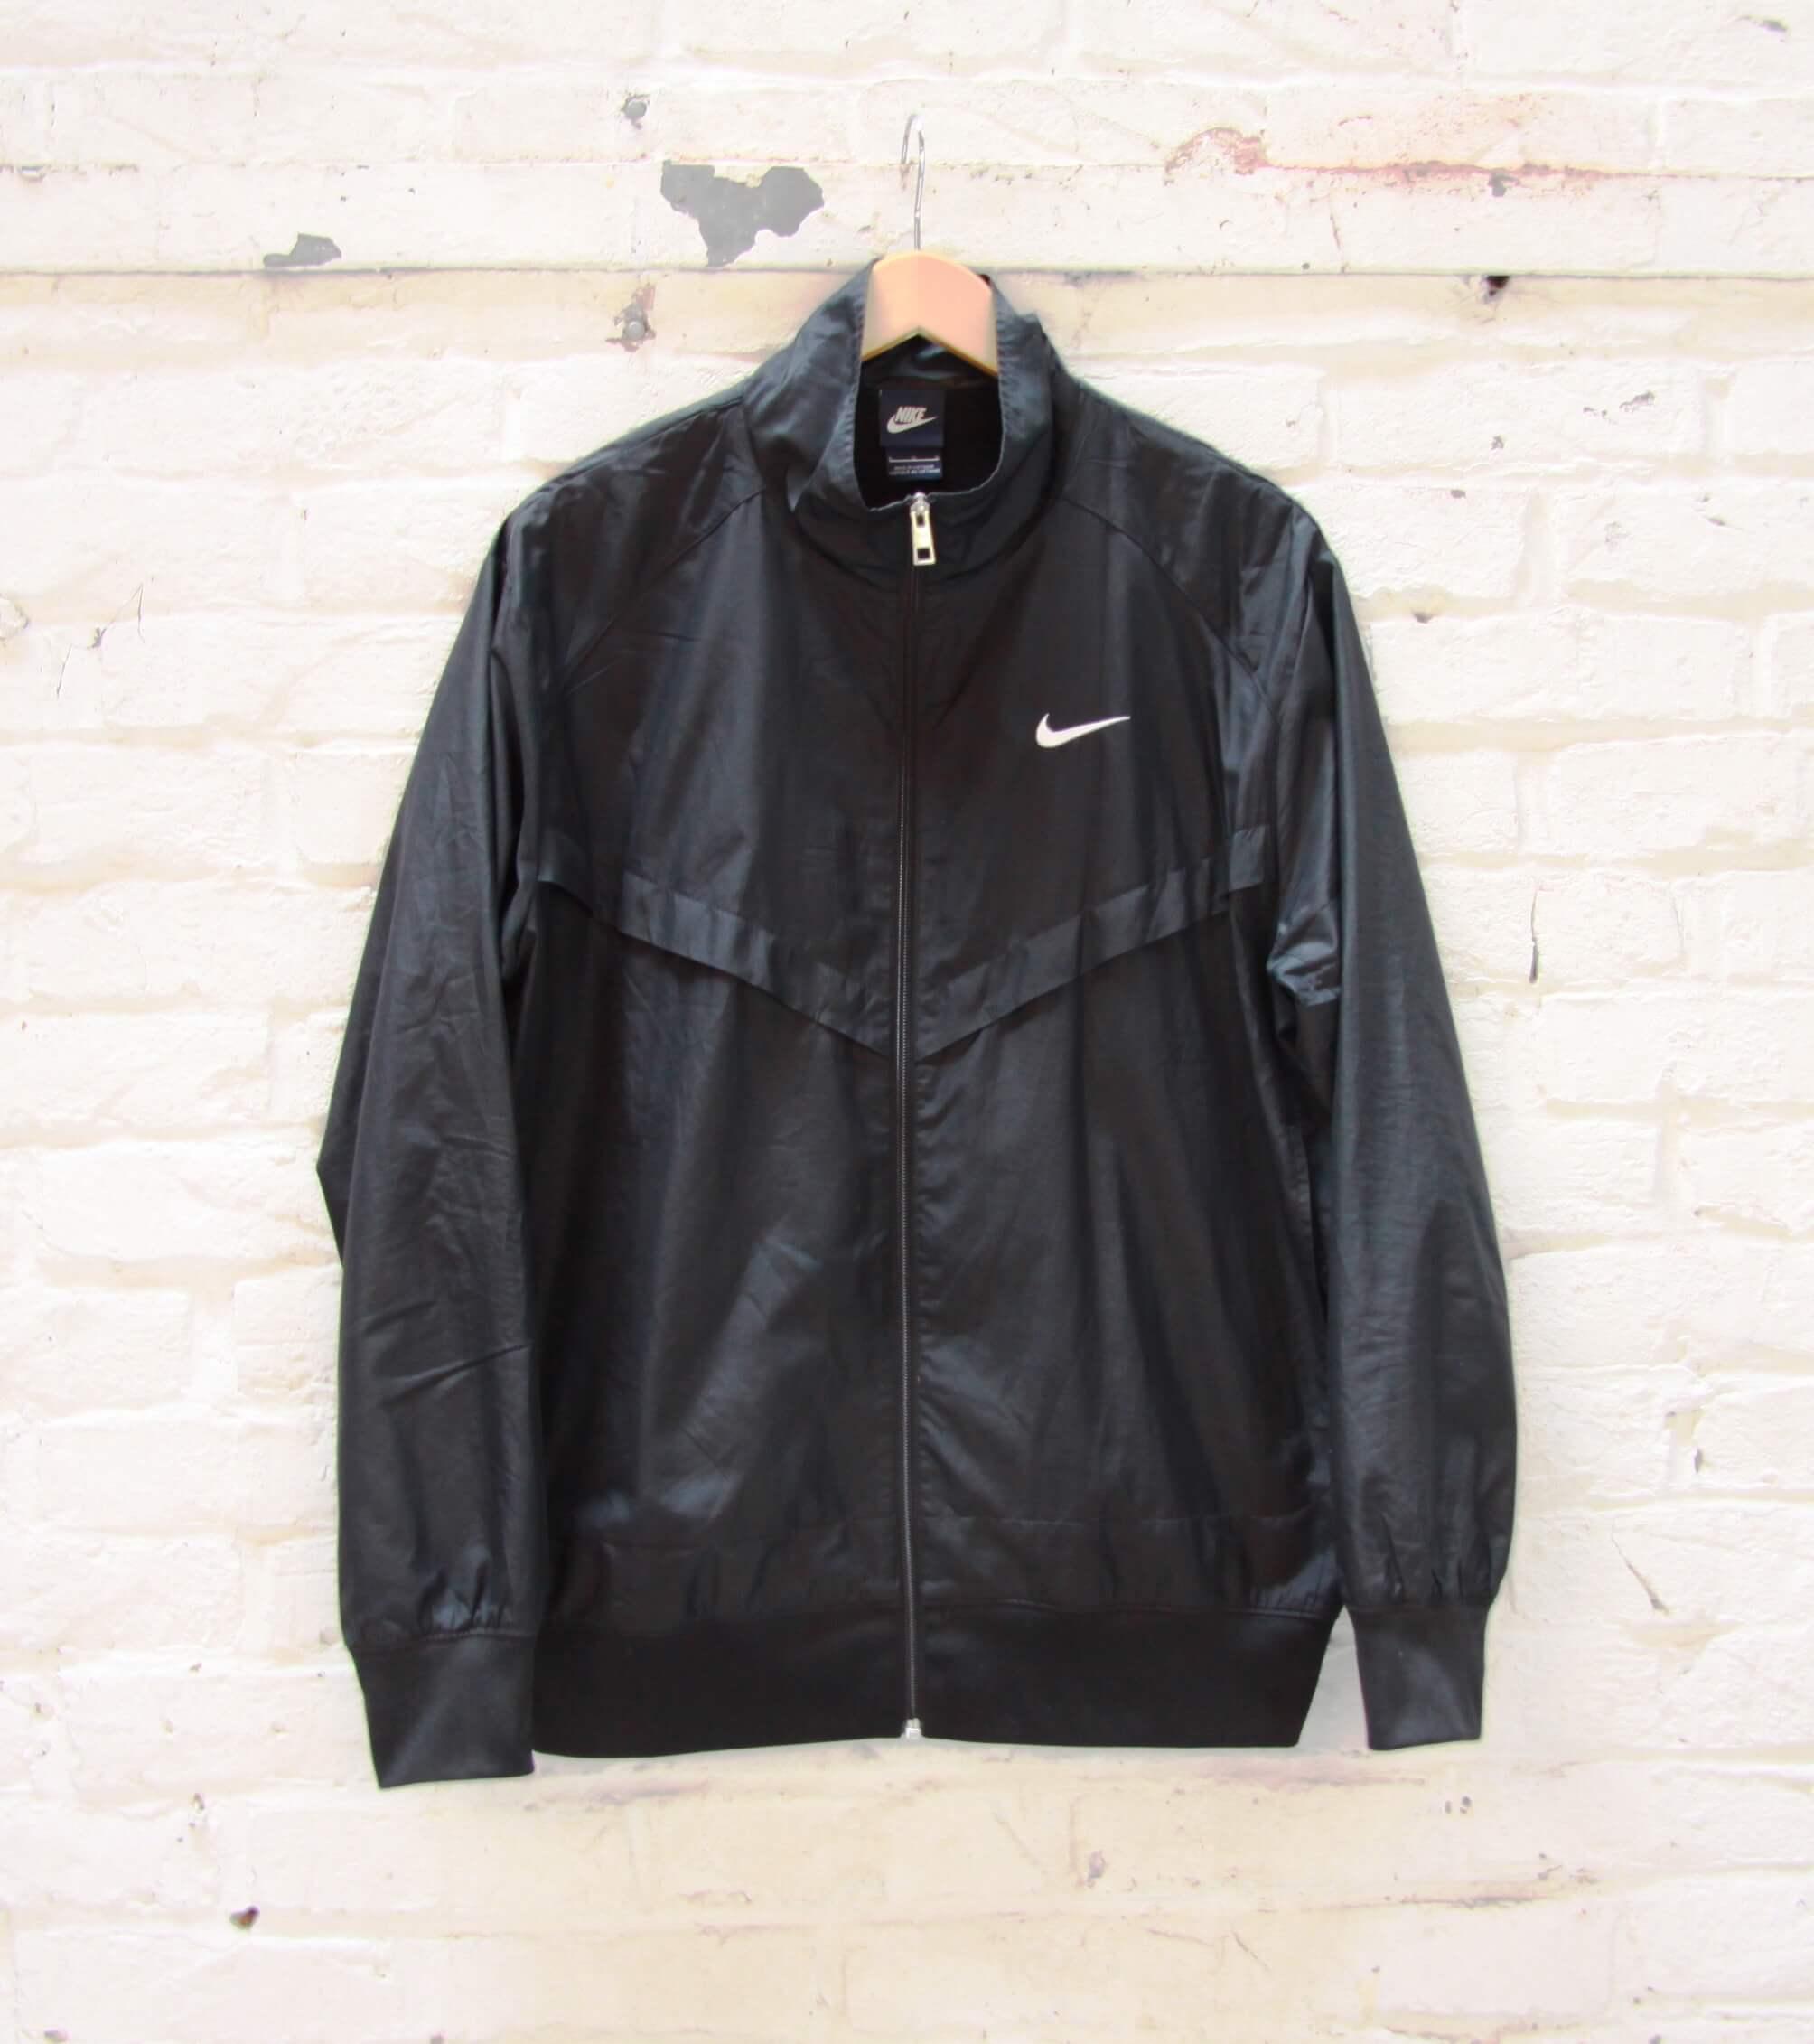 livraison gratuite 62e16 0c762 Veste de Jogging - Nike - Vintage - Noire - Tilt Vintage